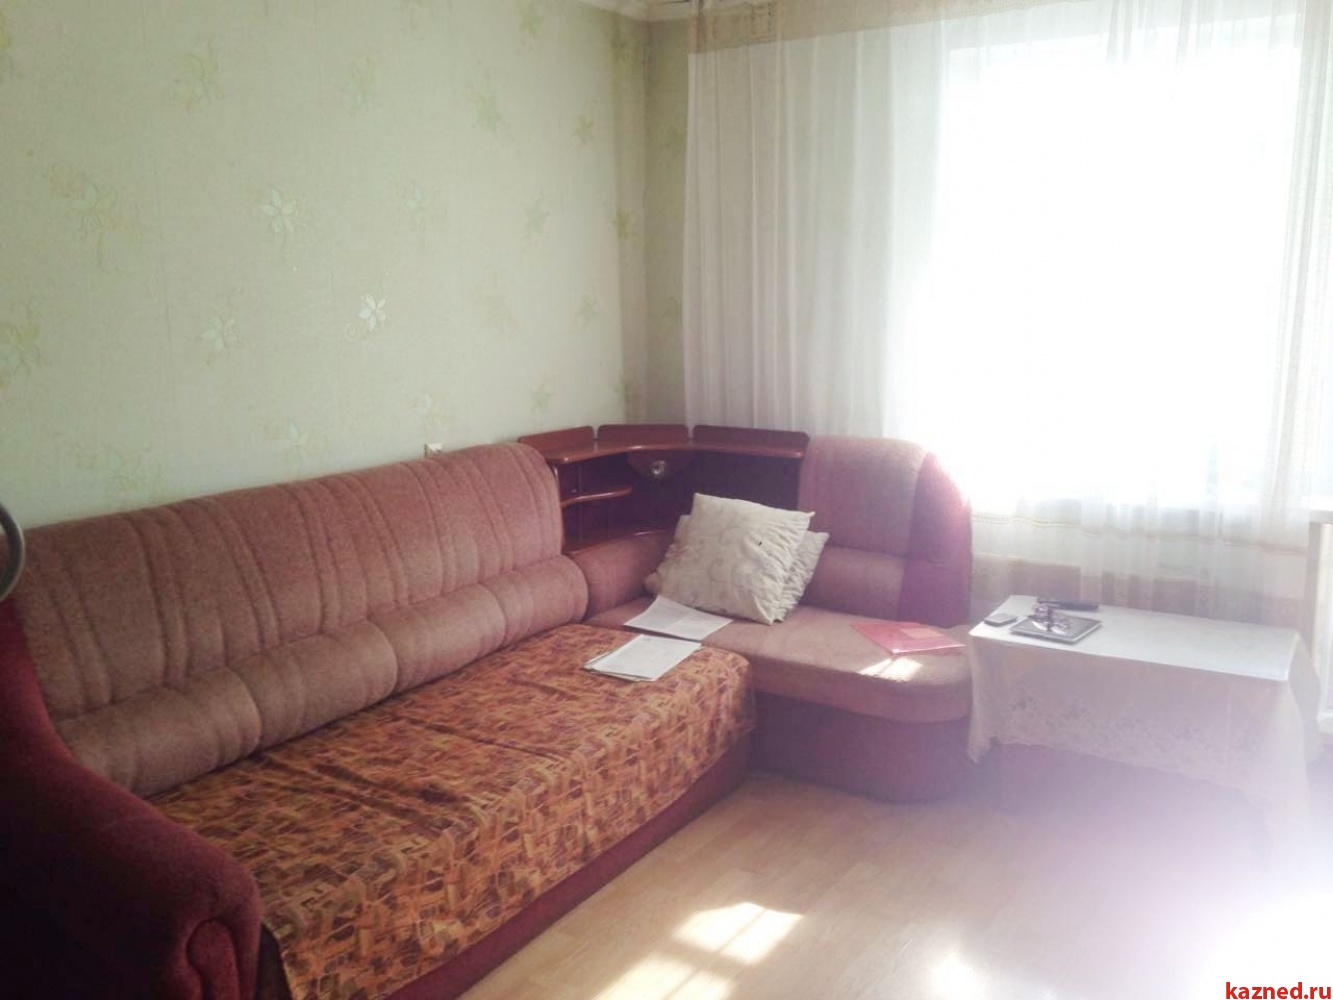 Продажа 2-к квартиры Рихарда Зорге ул, 121, 54 м² (миниатюра №1)